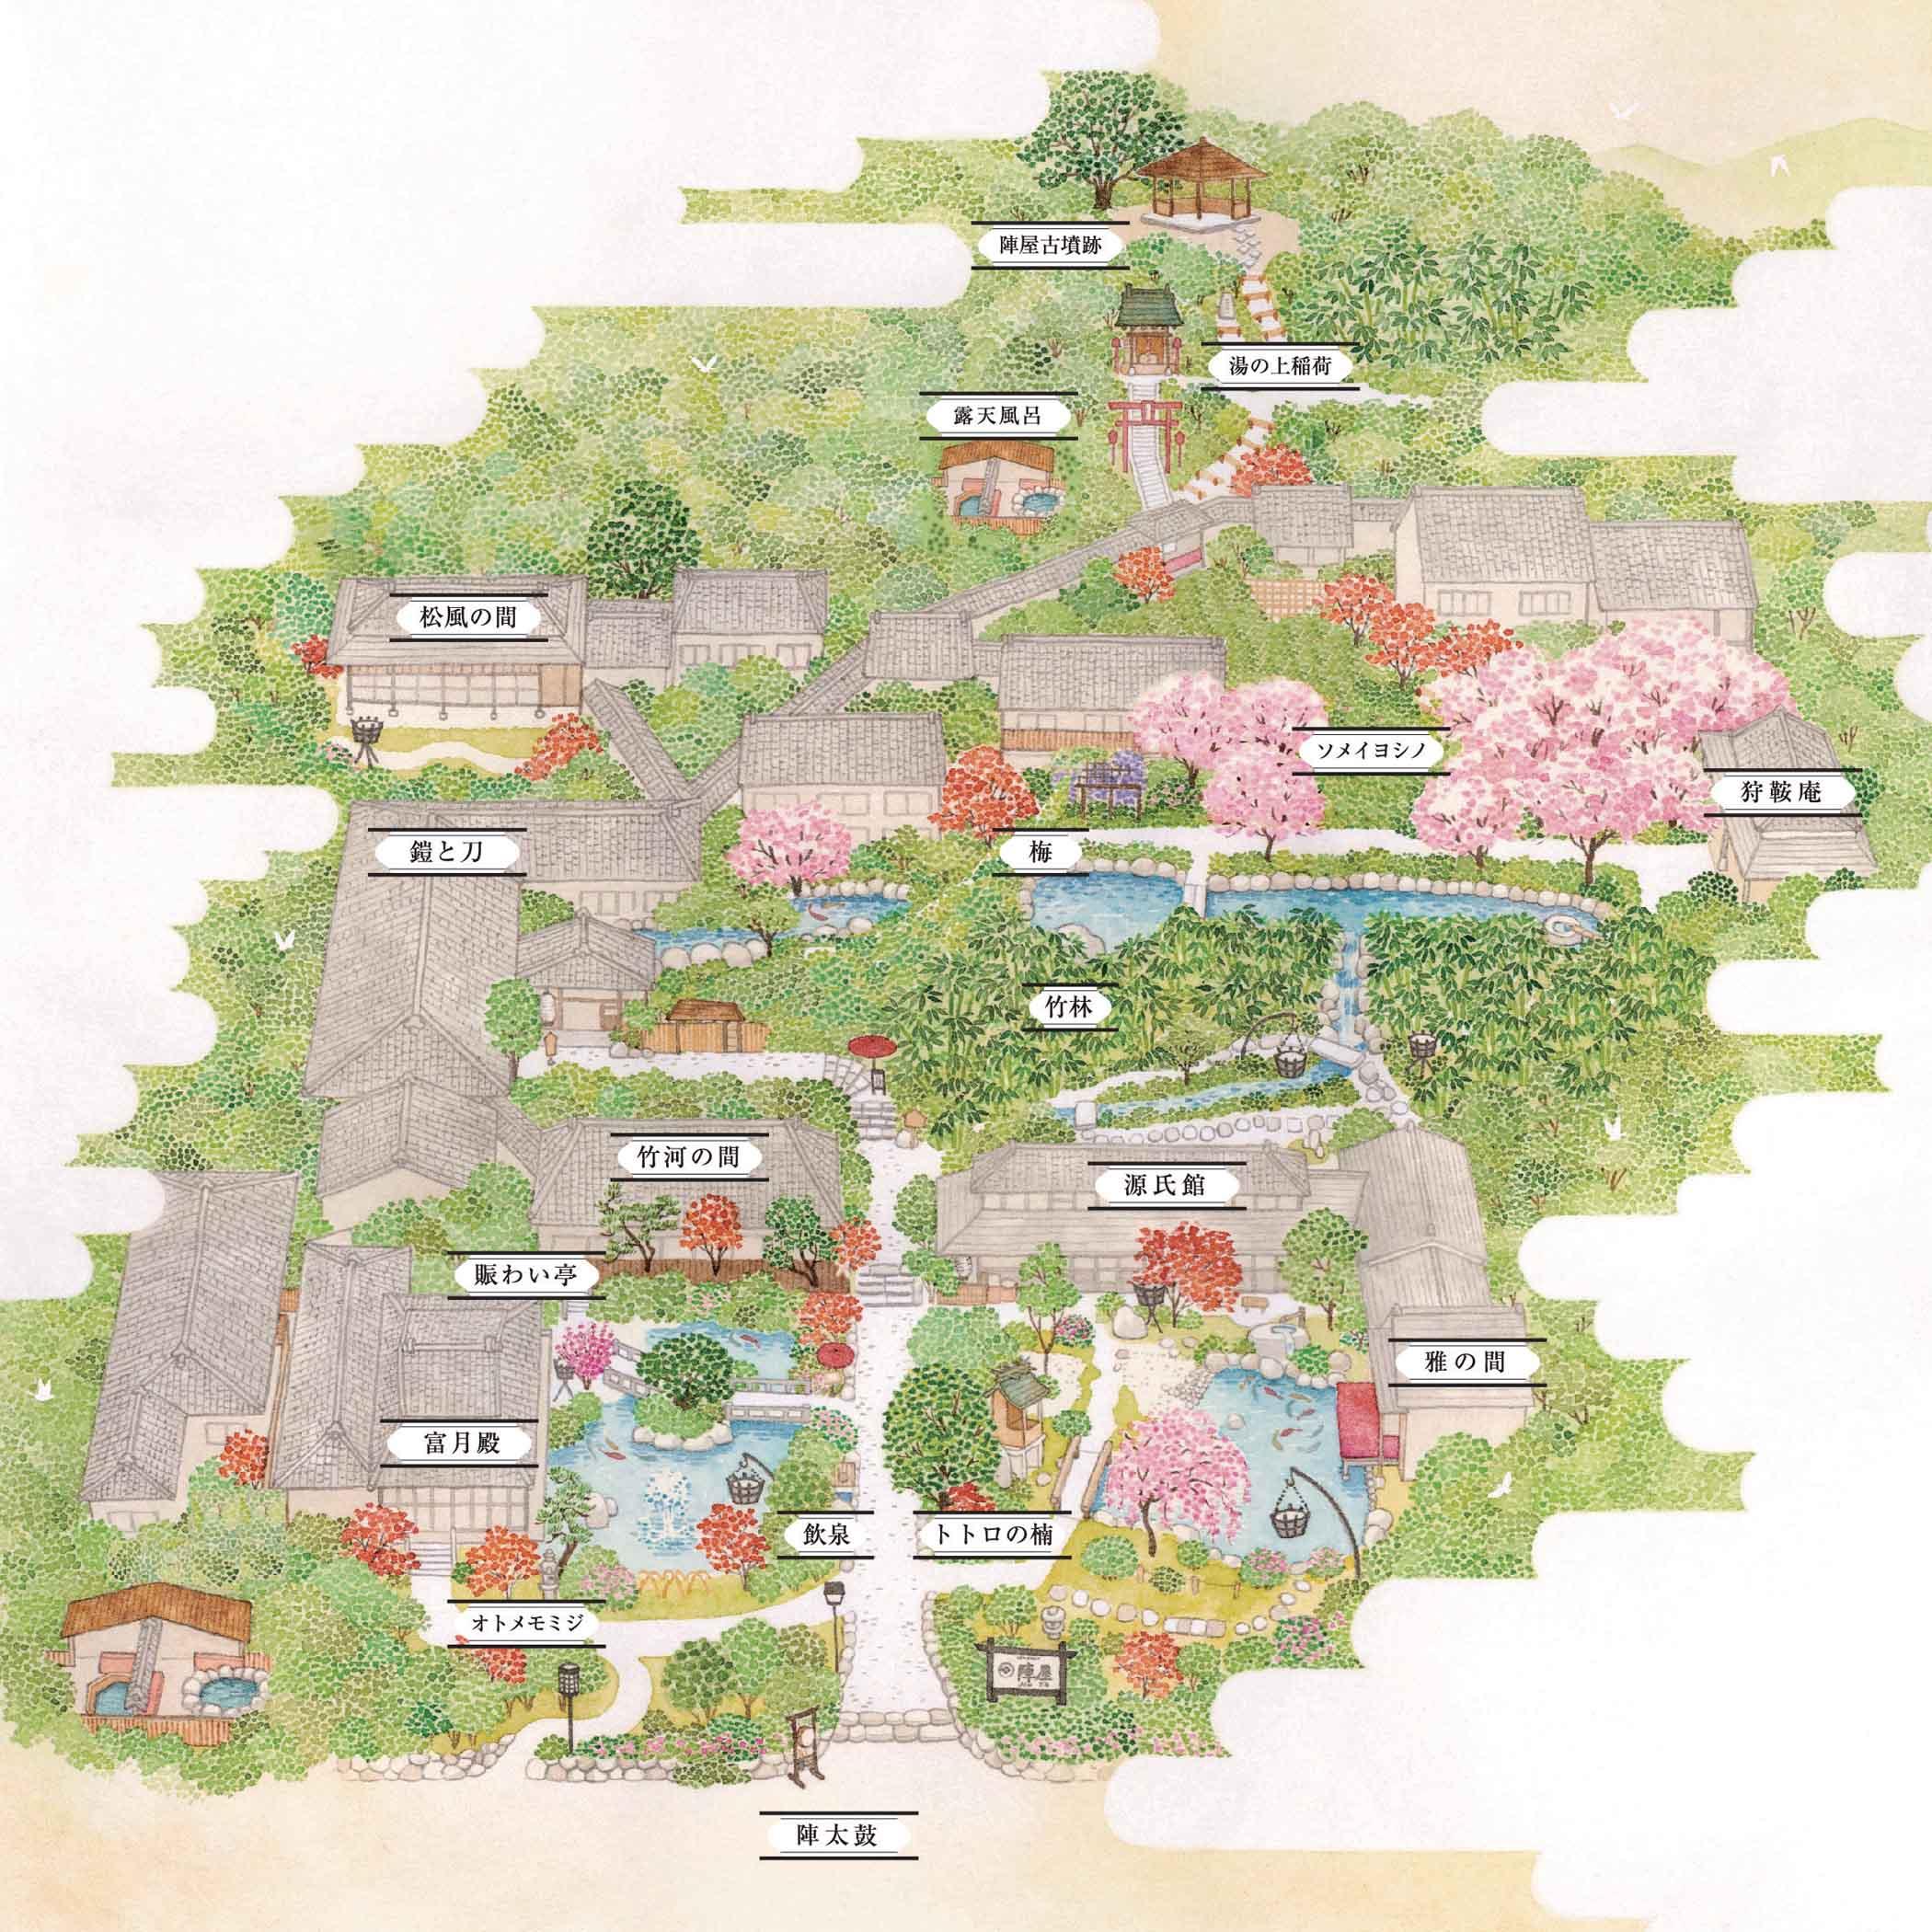 https://www.jinya-inn.com/mediagallery/mediaobjects/orig/f/f_garden.jpg